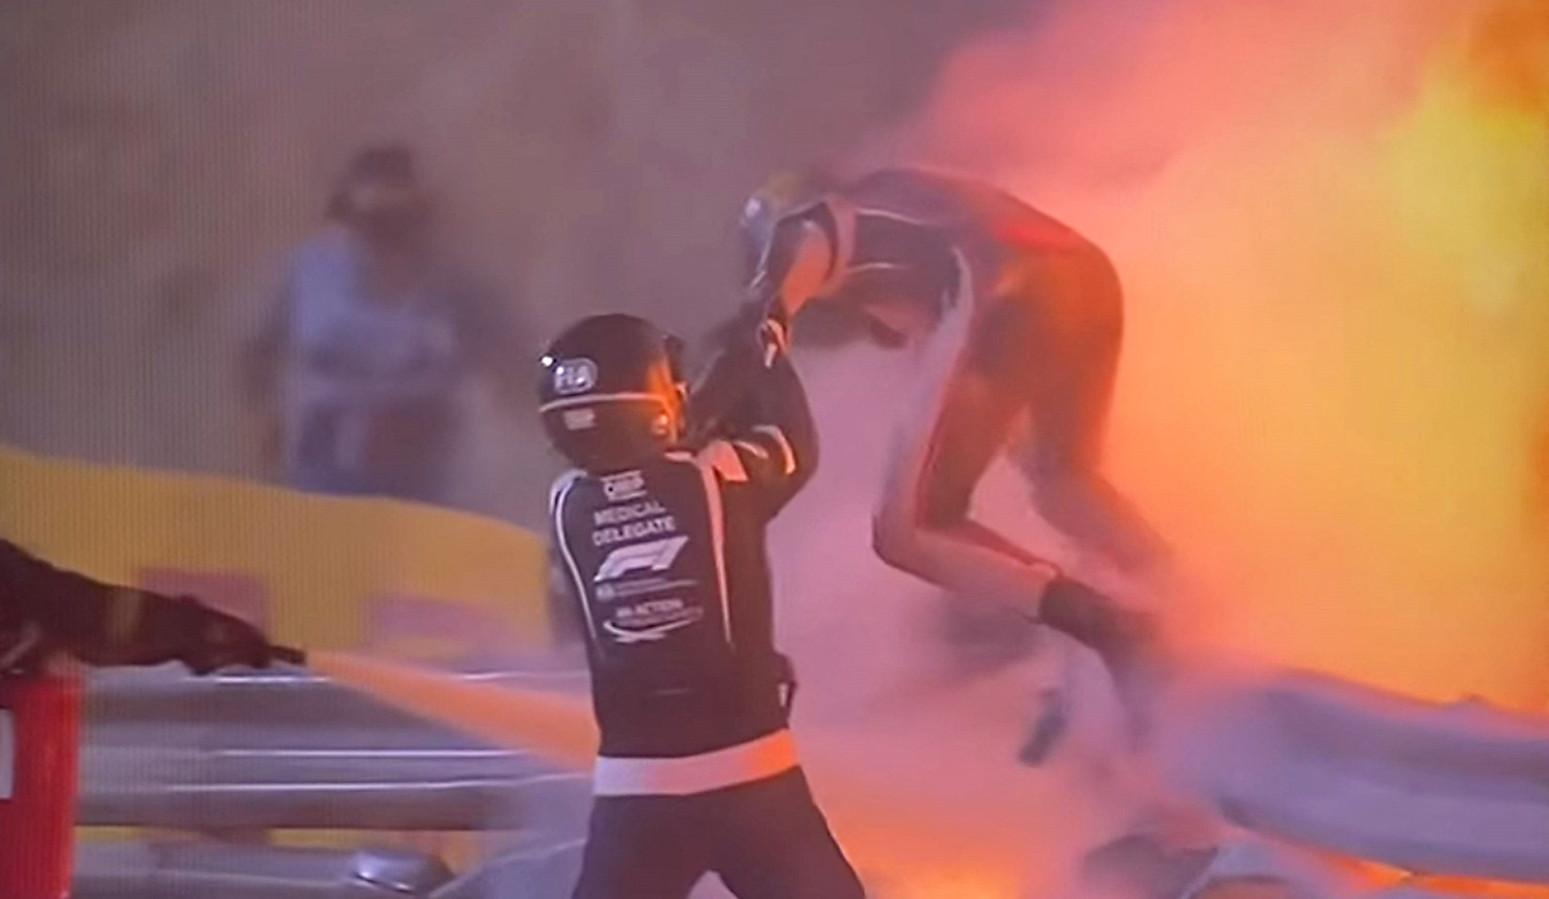 Romain Grosjean est sorti avec juste des brûlures aux mains de son effroyable accident au Grand Prix de Bahreïn.